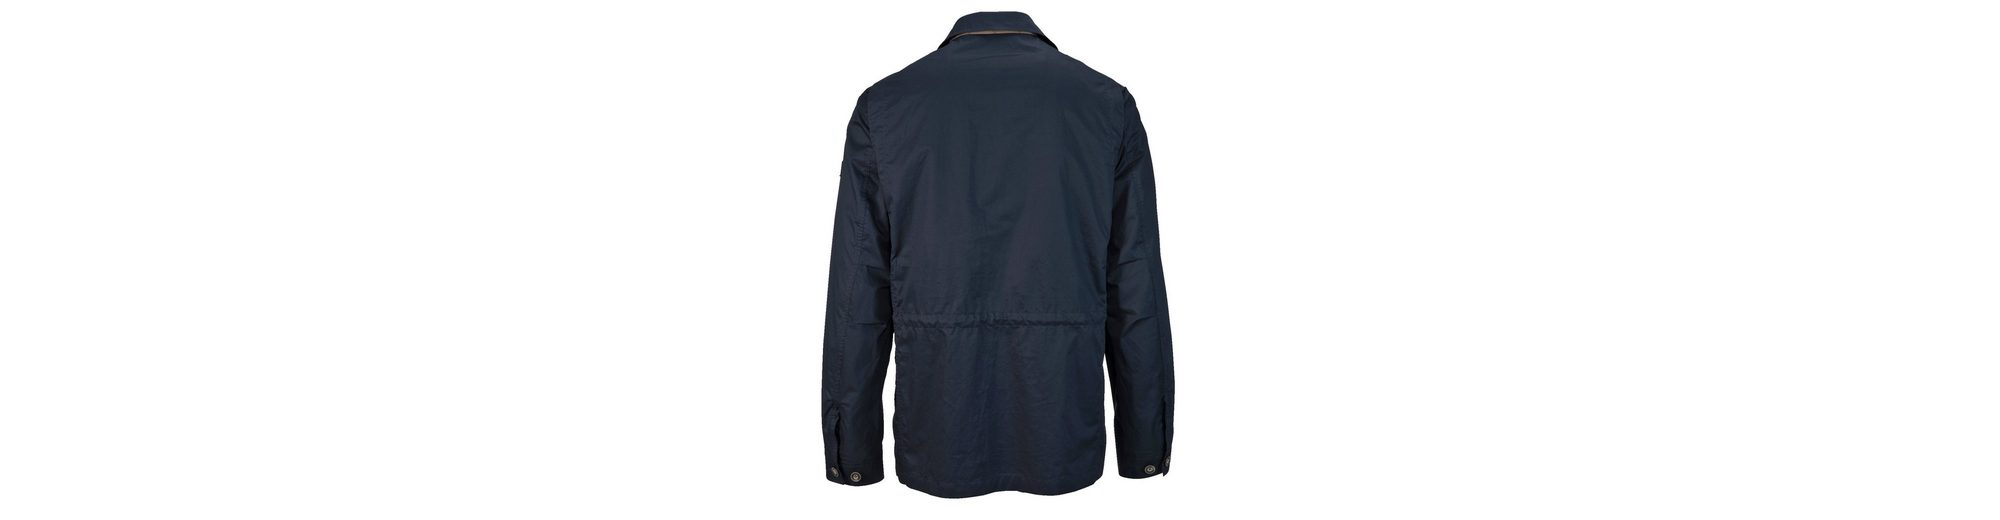 mit Baumwoll Material Babista angenehmem angenehmem mit Jacke Jacke mit Baumwoll Material Babista angenehmem Jacke Babista Baumwoll xIqSSCZ7